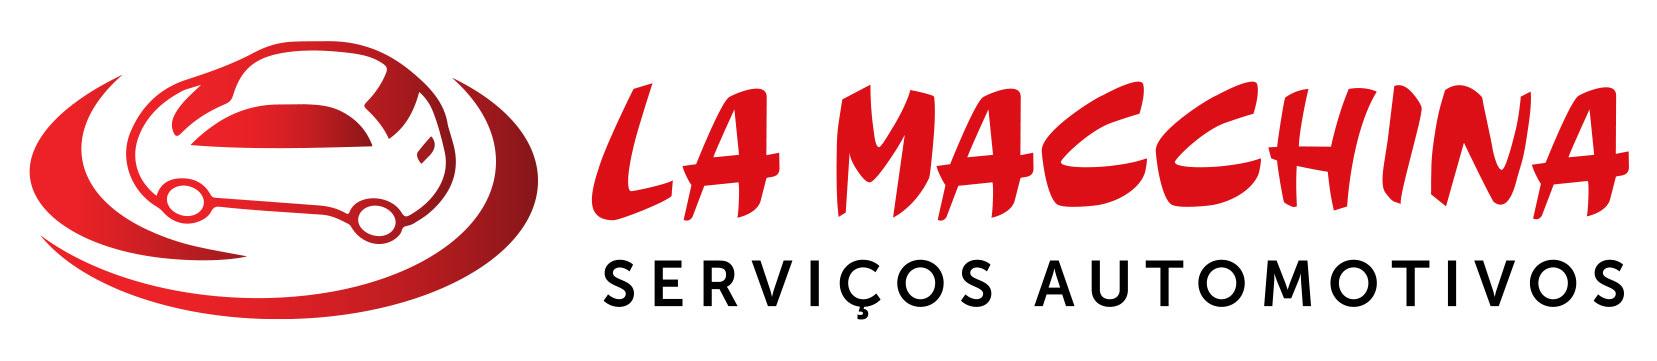 La Macchina Serviços Automotivos